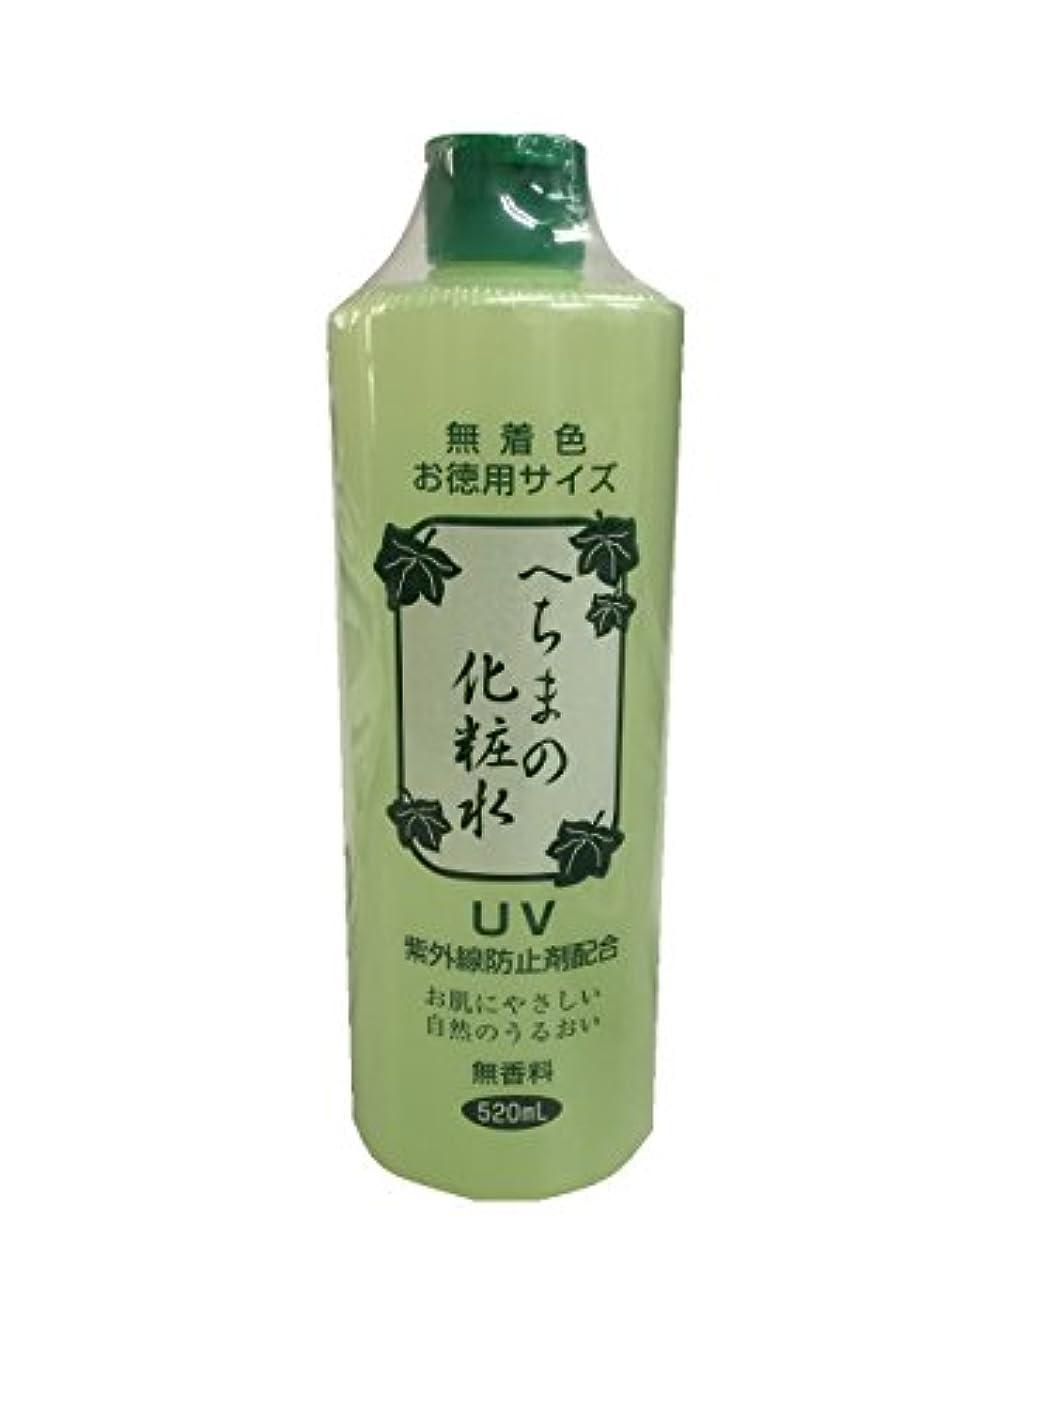 パンダ正確さ災害へちまの化粧水 520ml